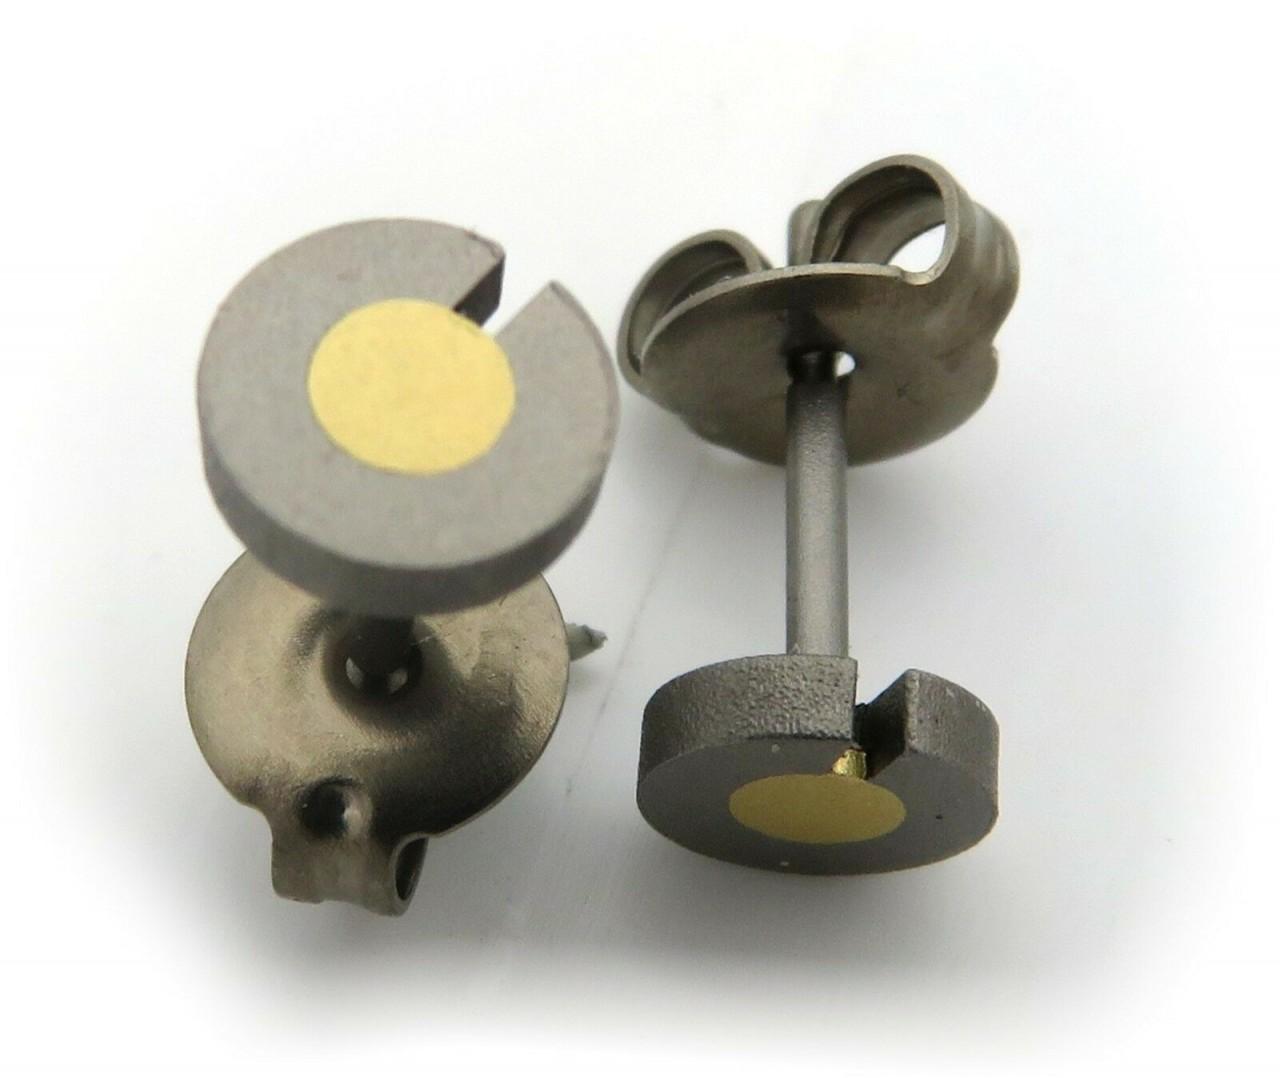 Ohhringe Stecker Titan mit Goldeinlage echt 750 18kt Ohrstecker rund Qualität